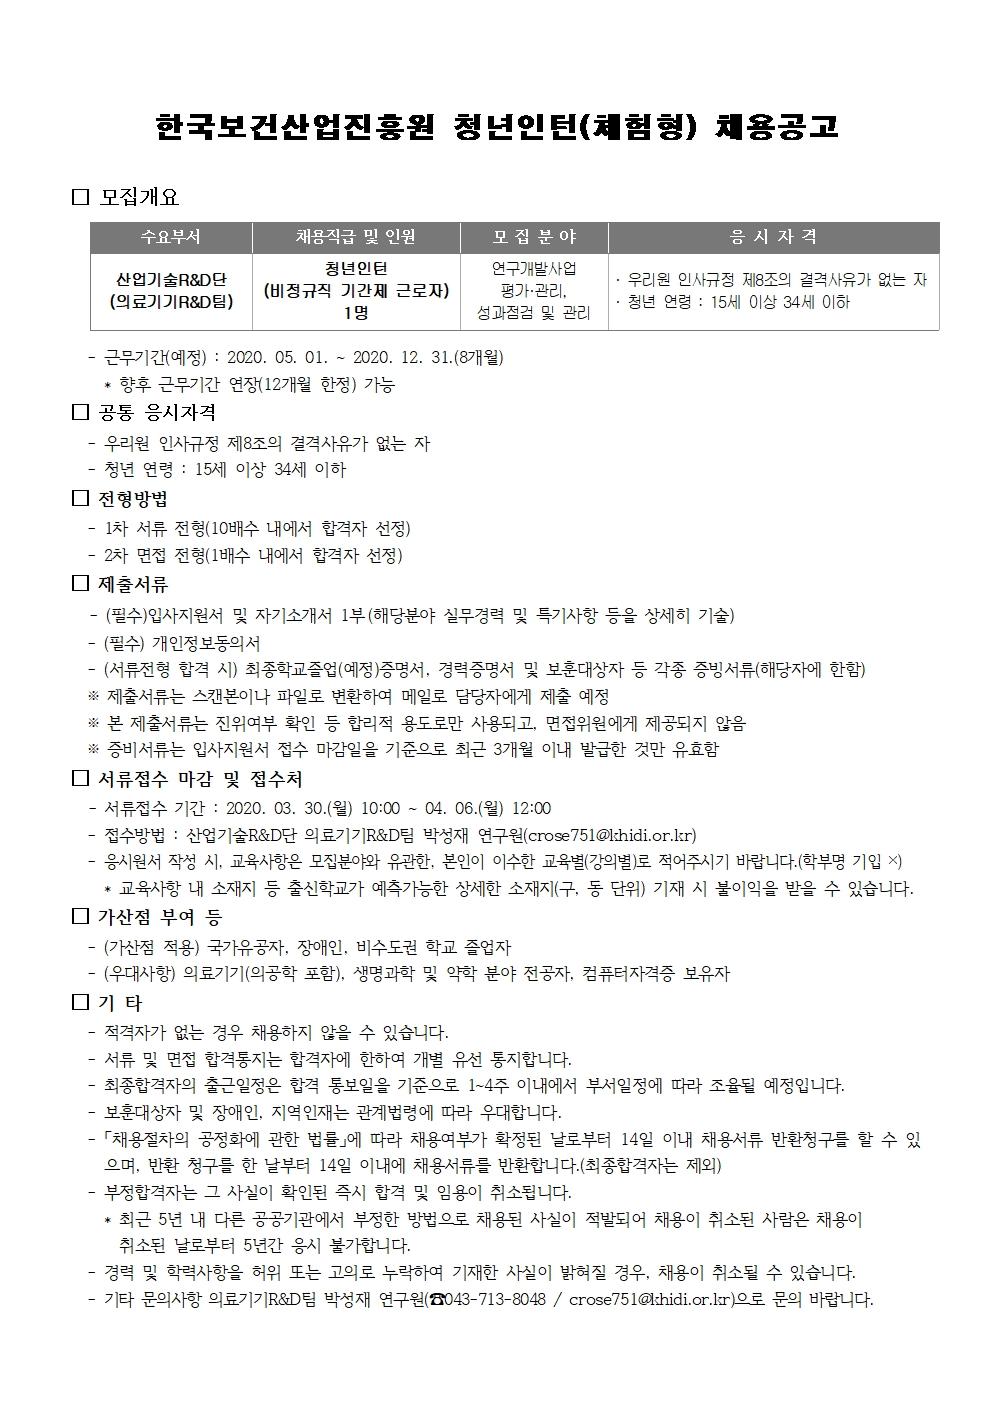 한국보건산업진흥원 청년인턴(채험형) 채용공고 - 자세한 내용은 첨부된 파일을 다운받아 확인해 주세요.